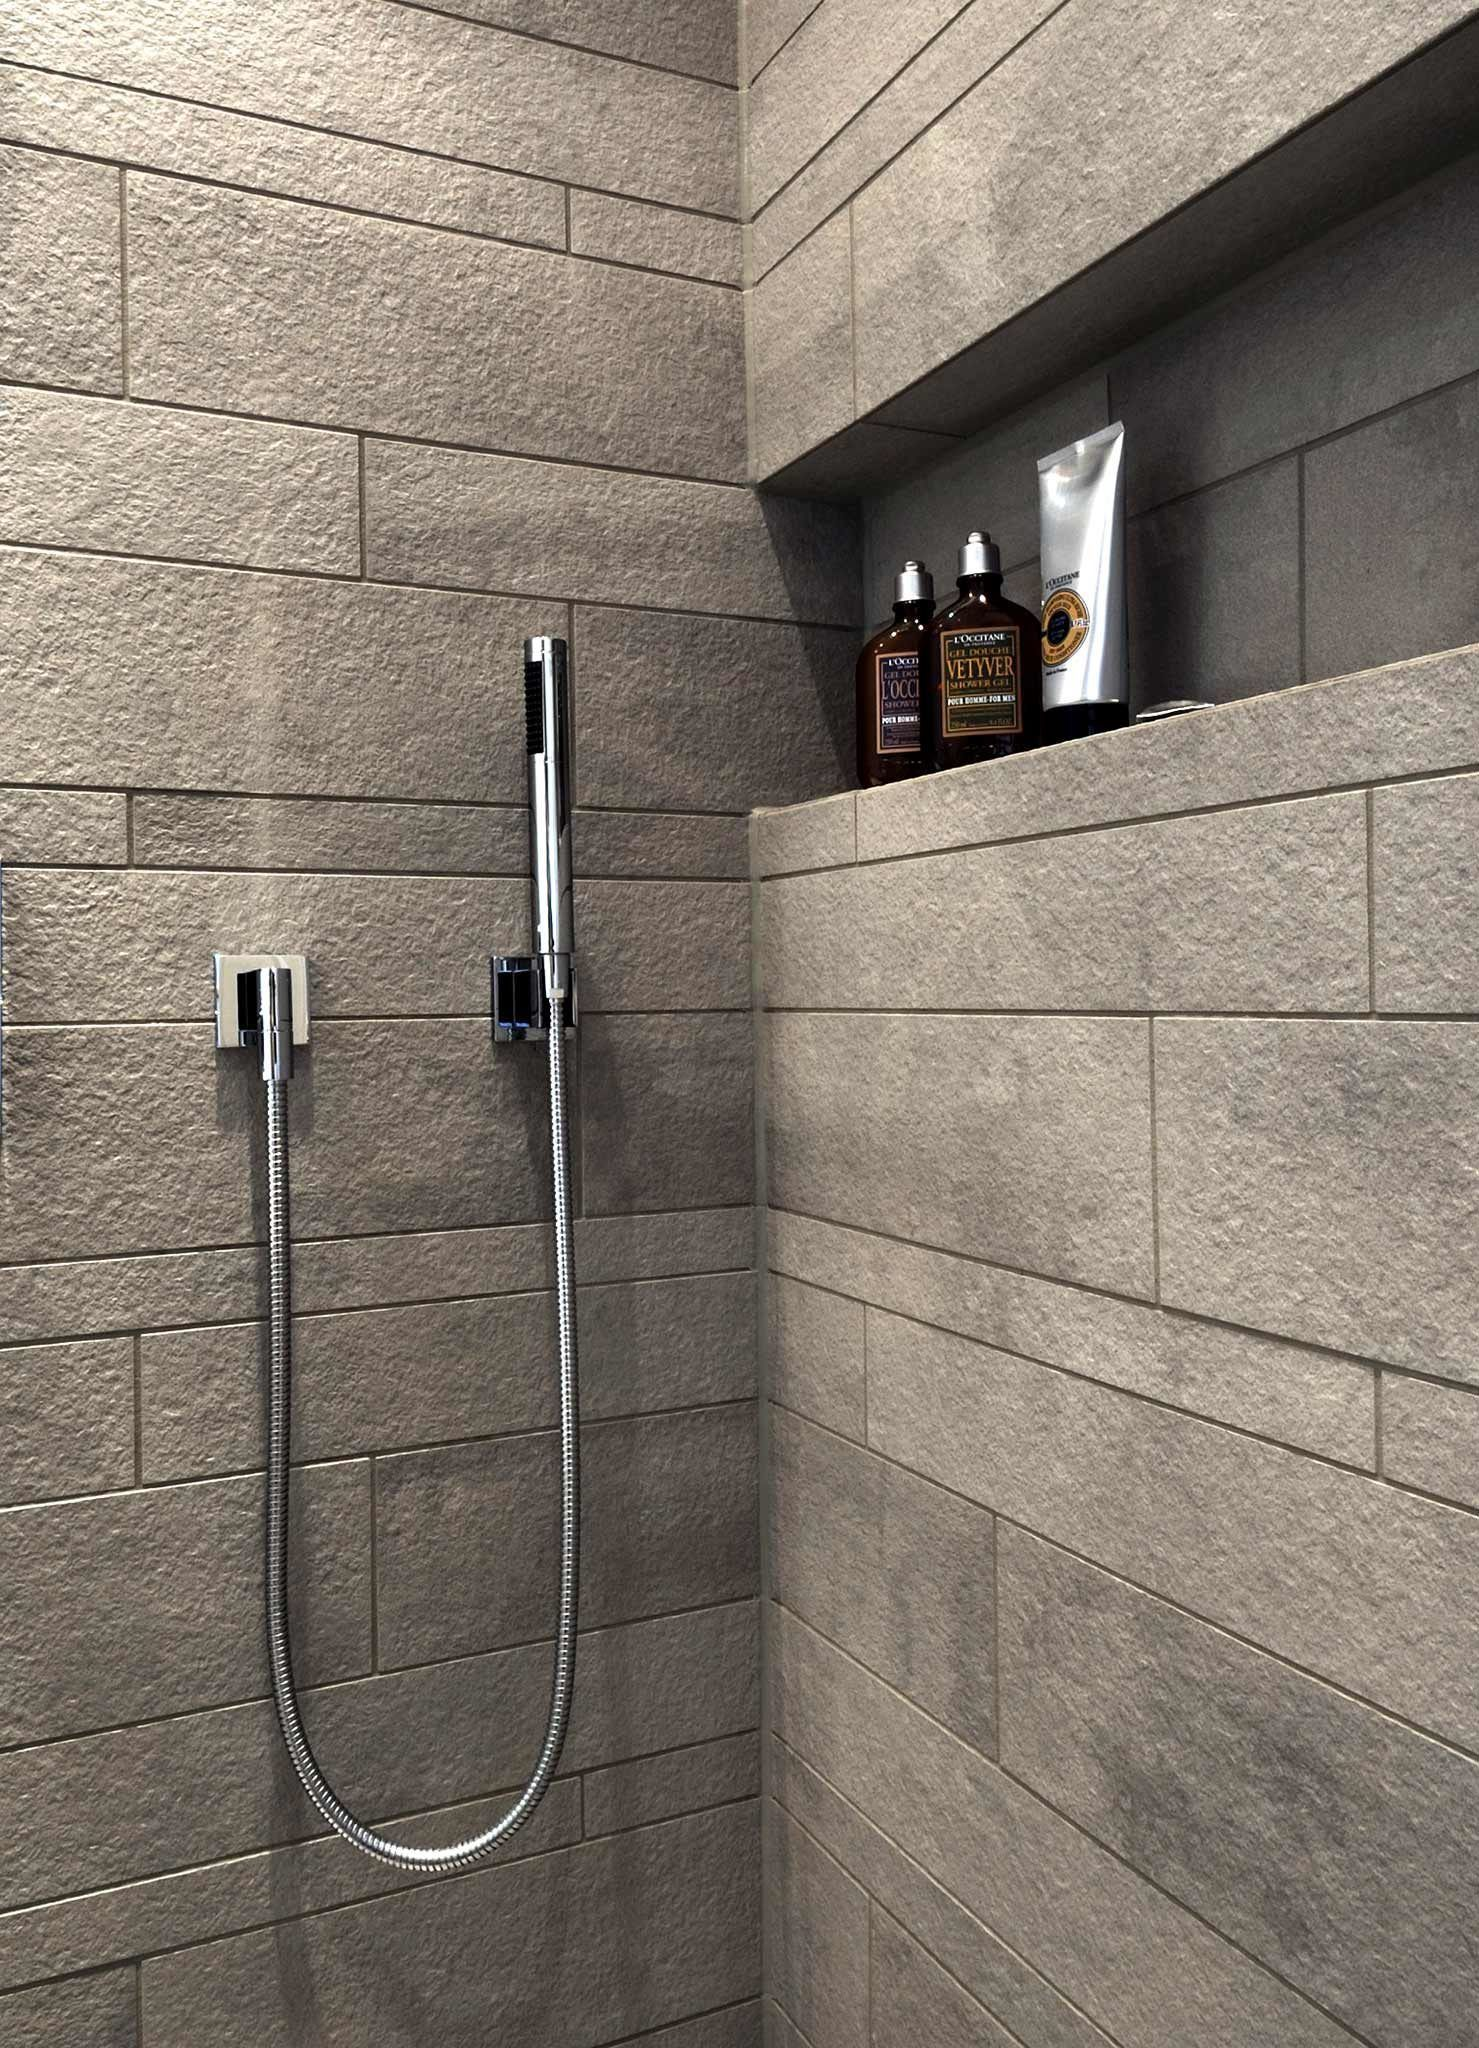 Hervorragend Ausschnitt Der Dusche Mit Grauen Fliesen In Steinoptik, Nische Für  Pflegeprodukte